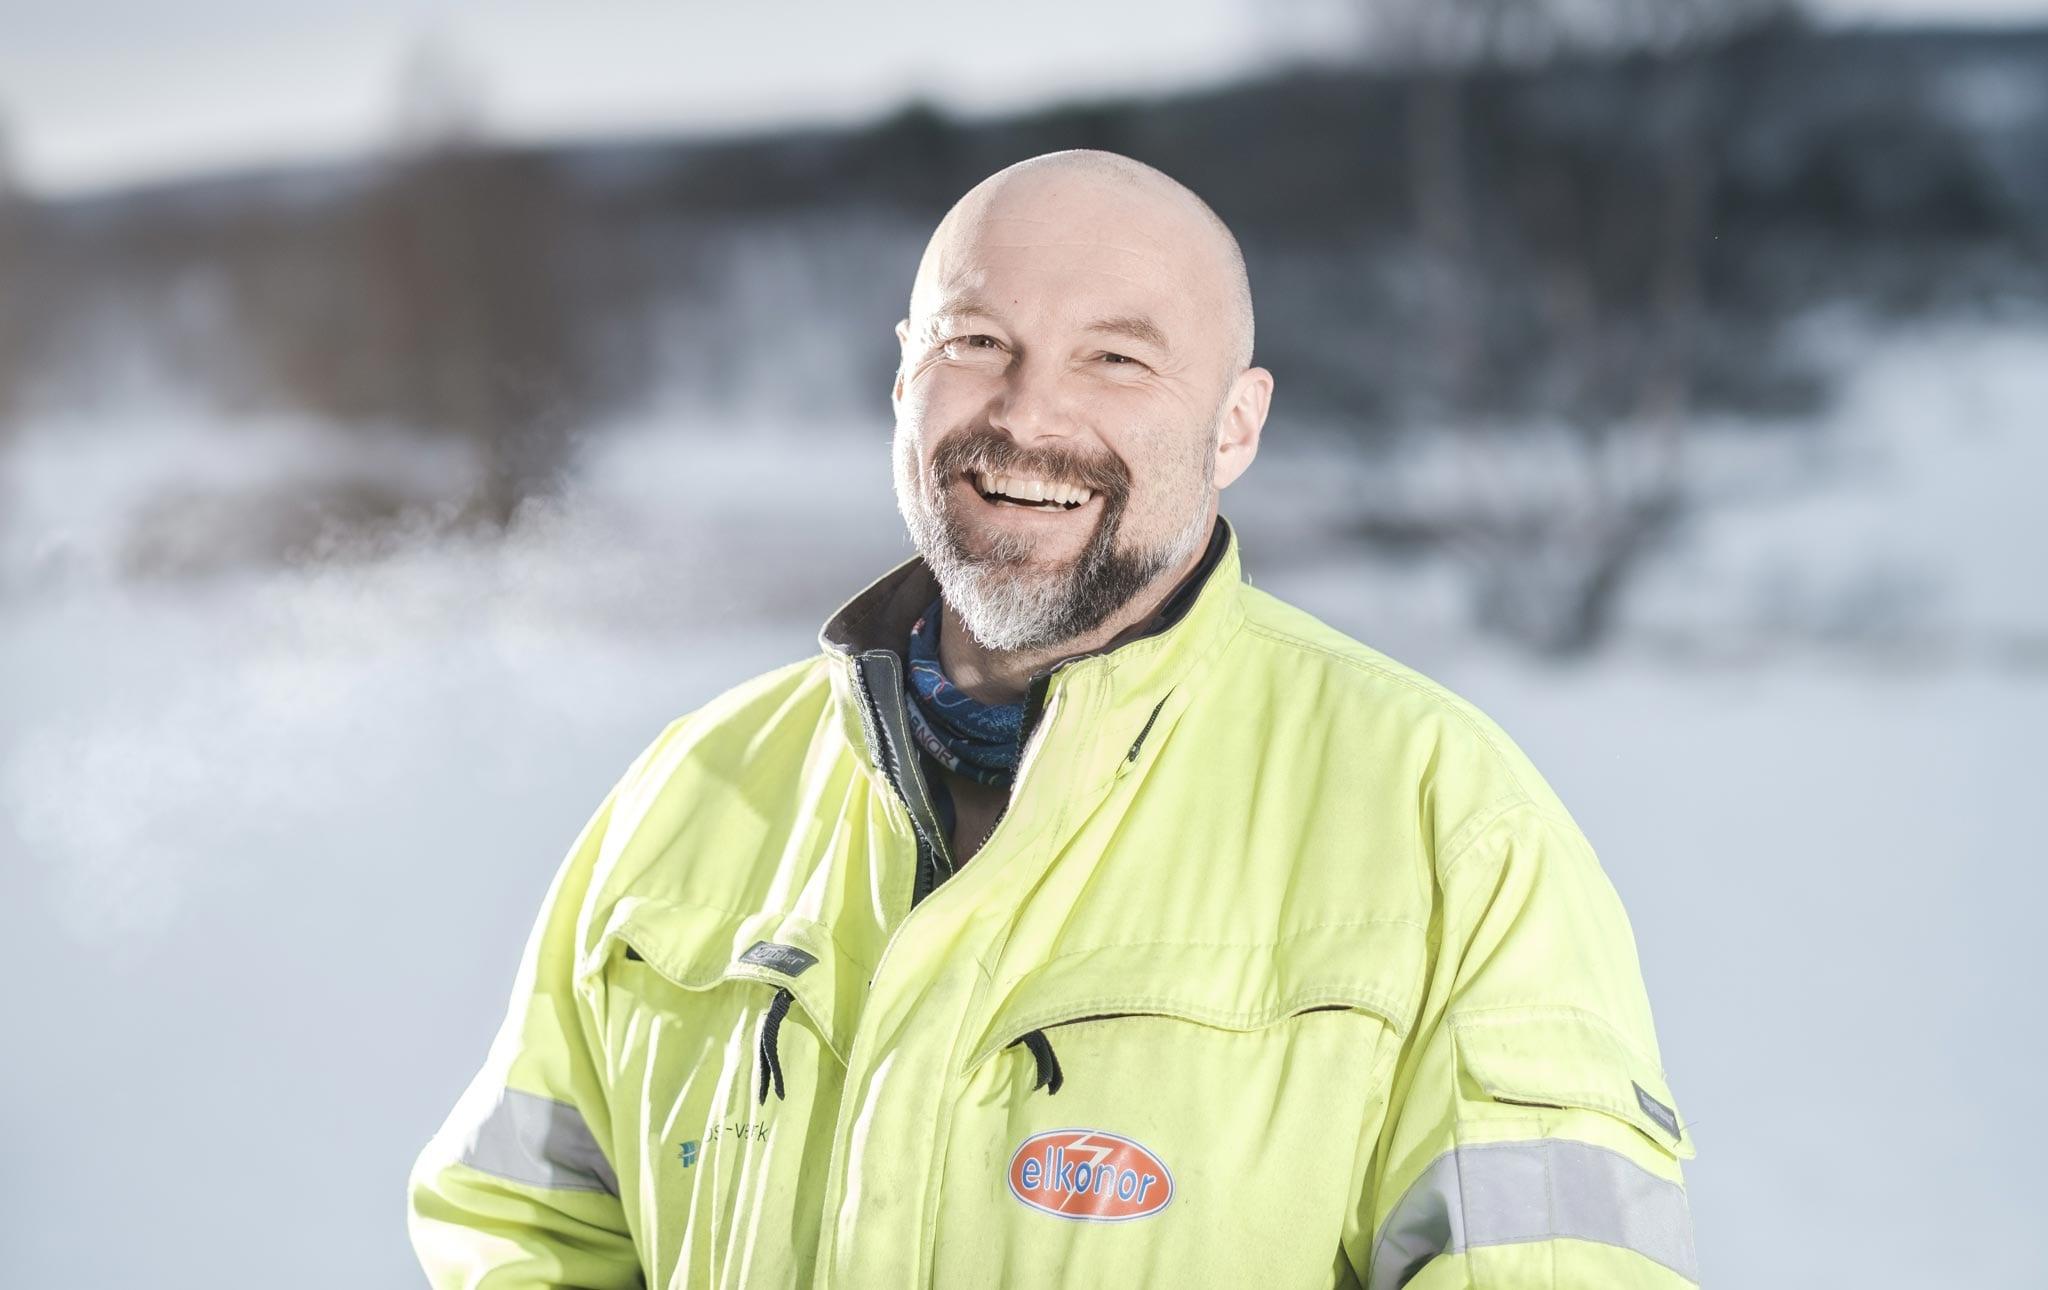 Eivind Johansen Ingebrigtsvold